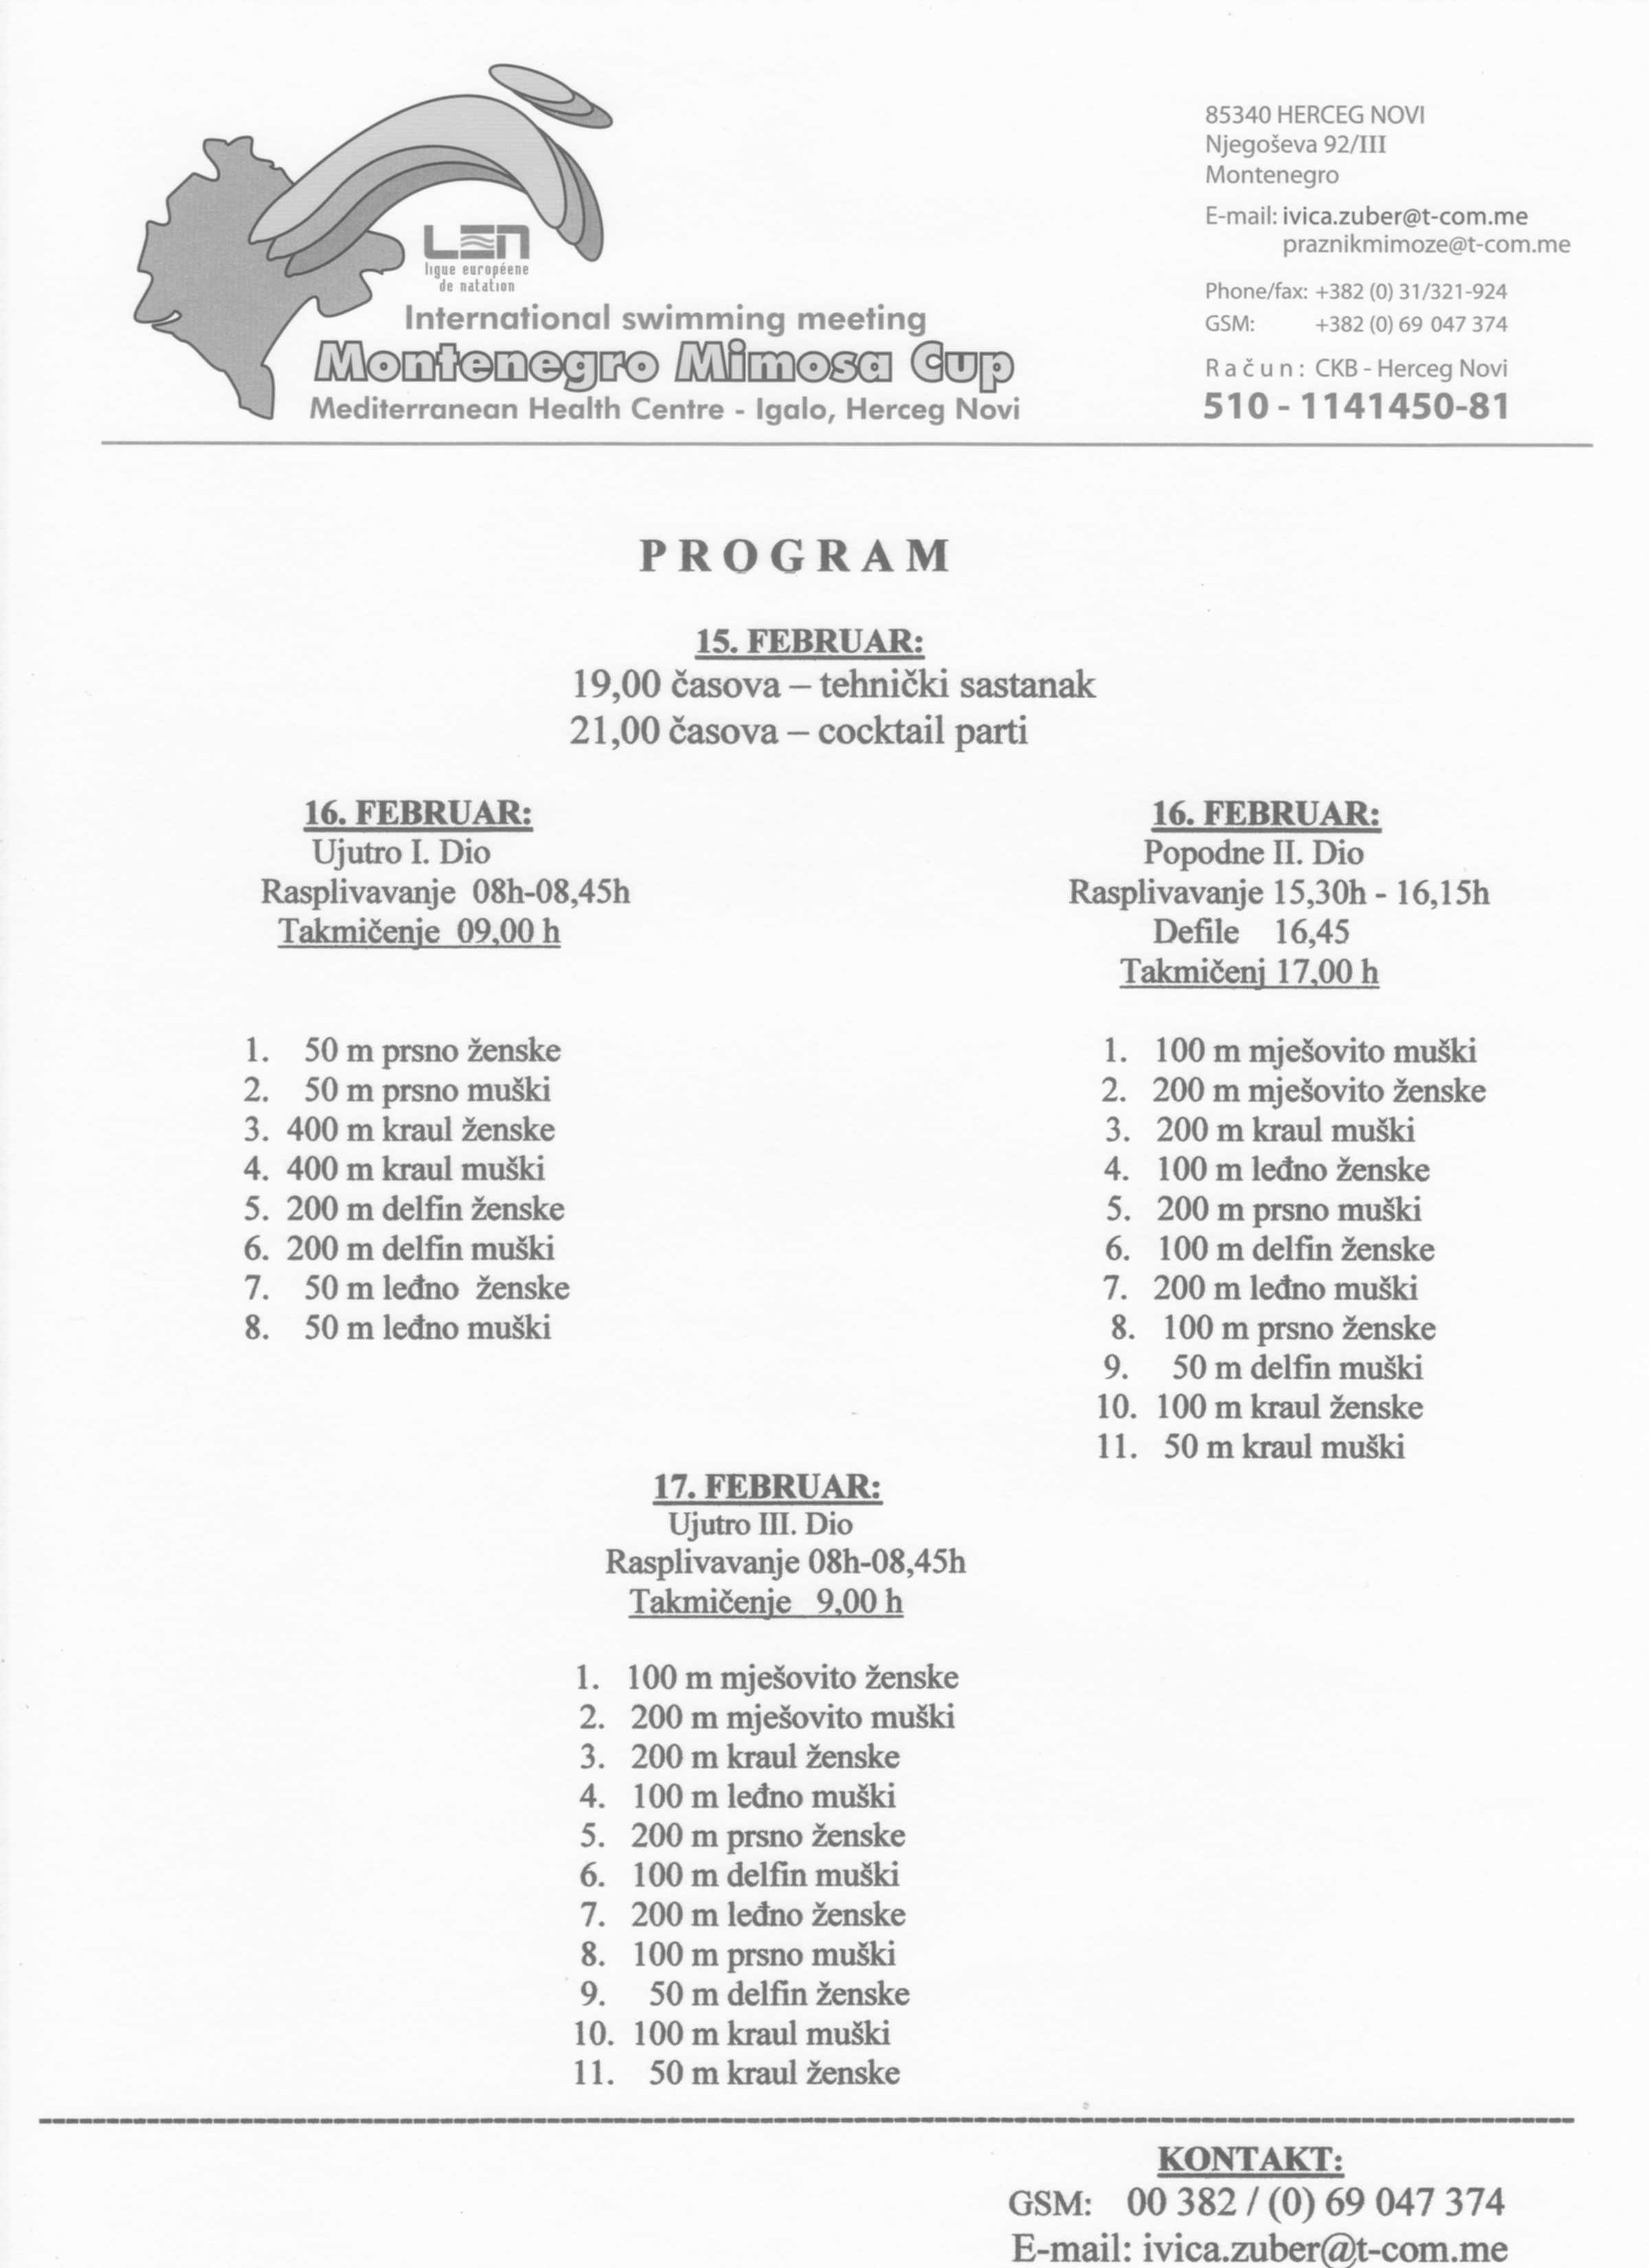 Пропозицијена језику организатора, страна 1